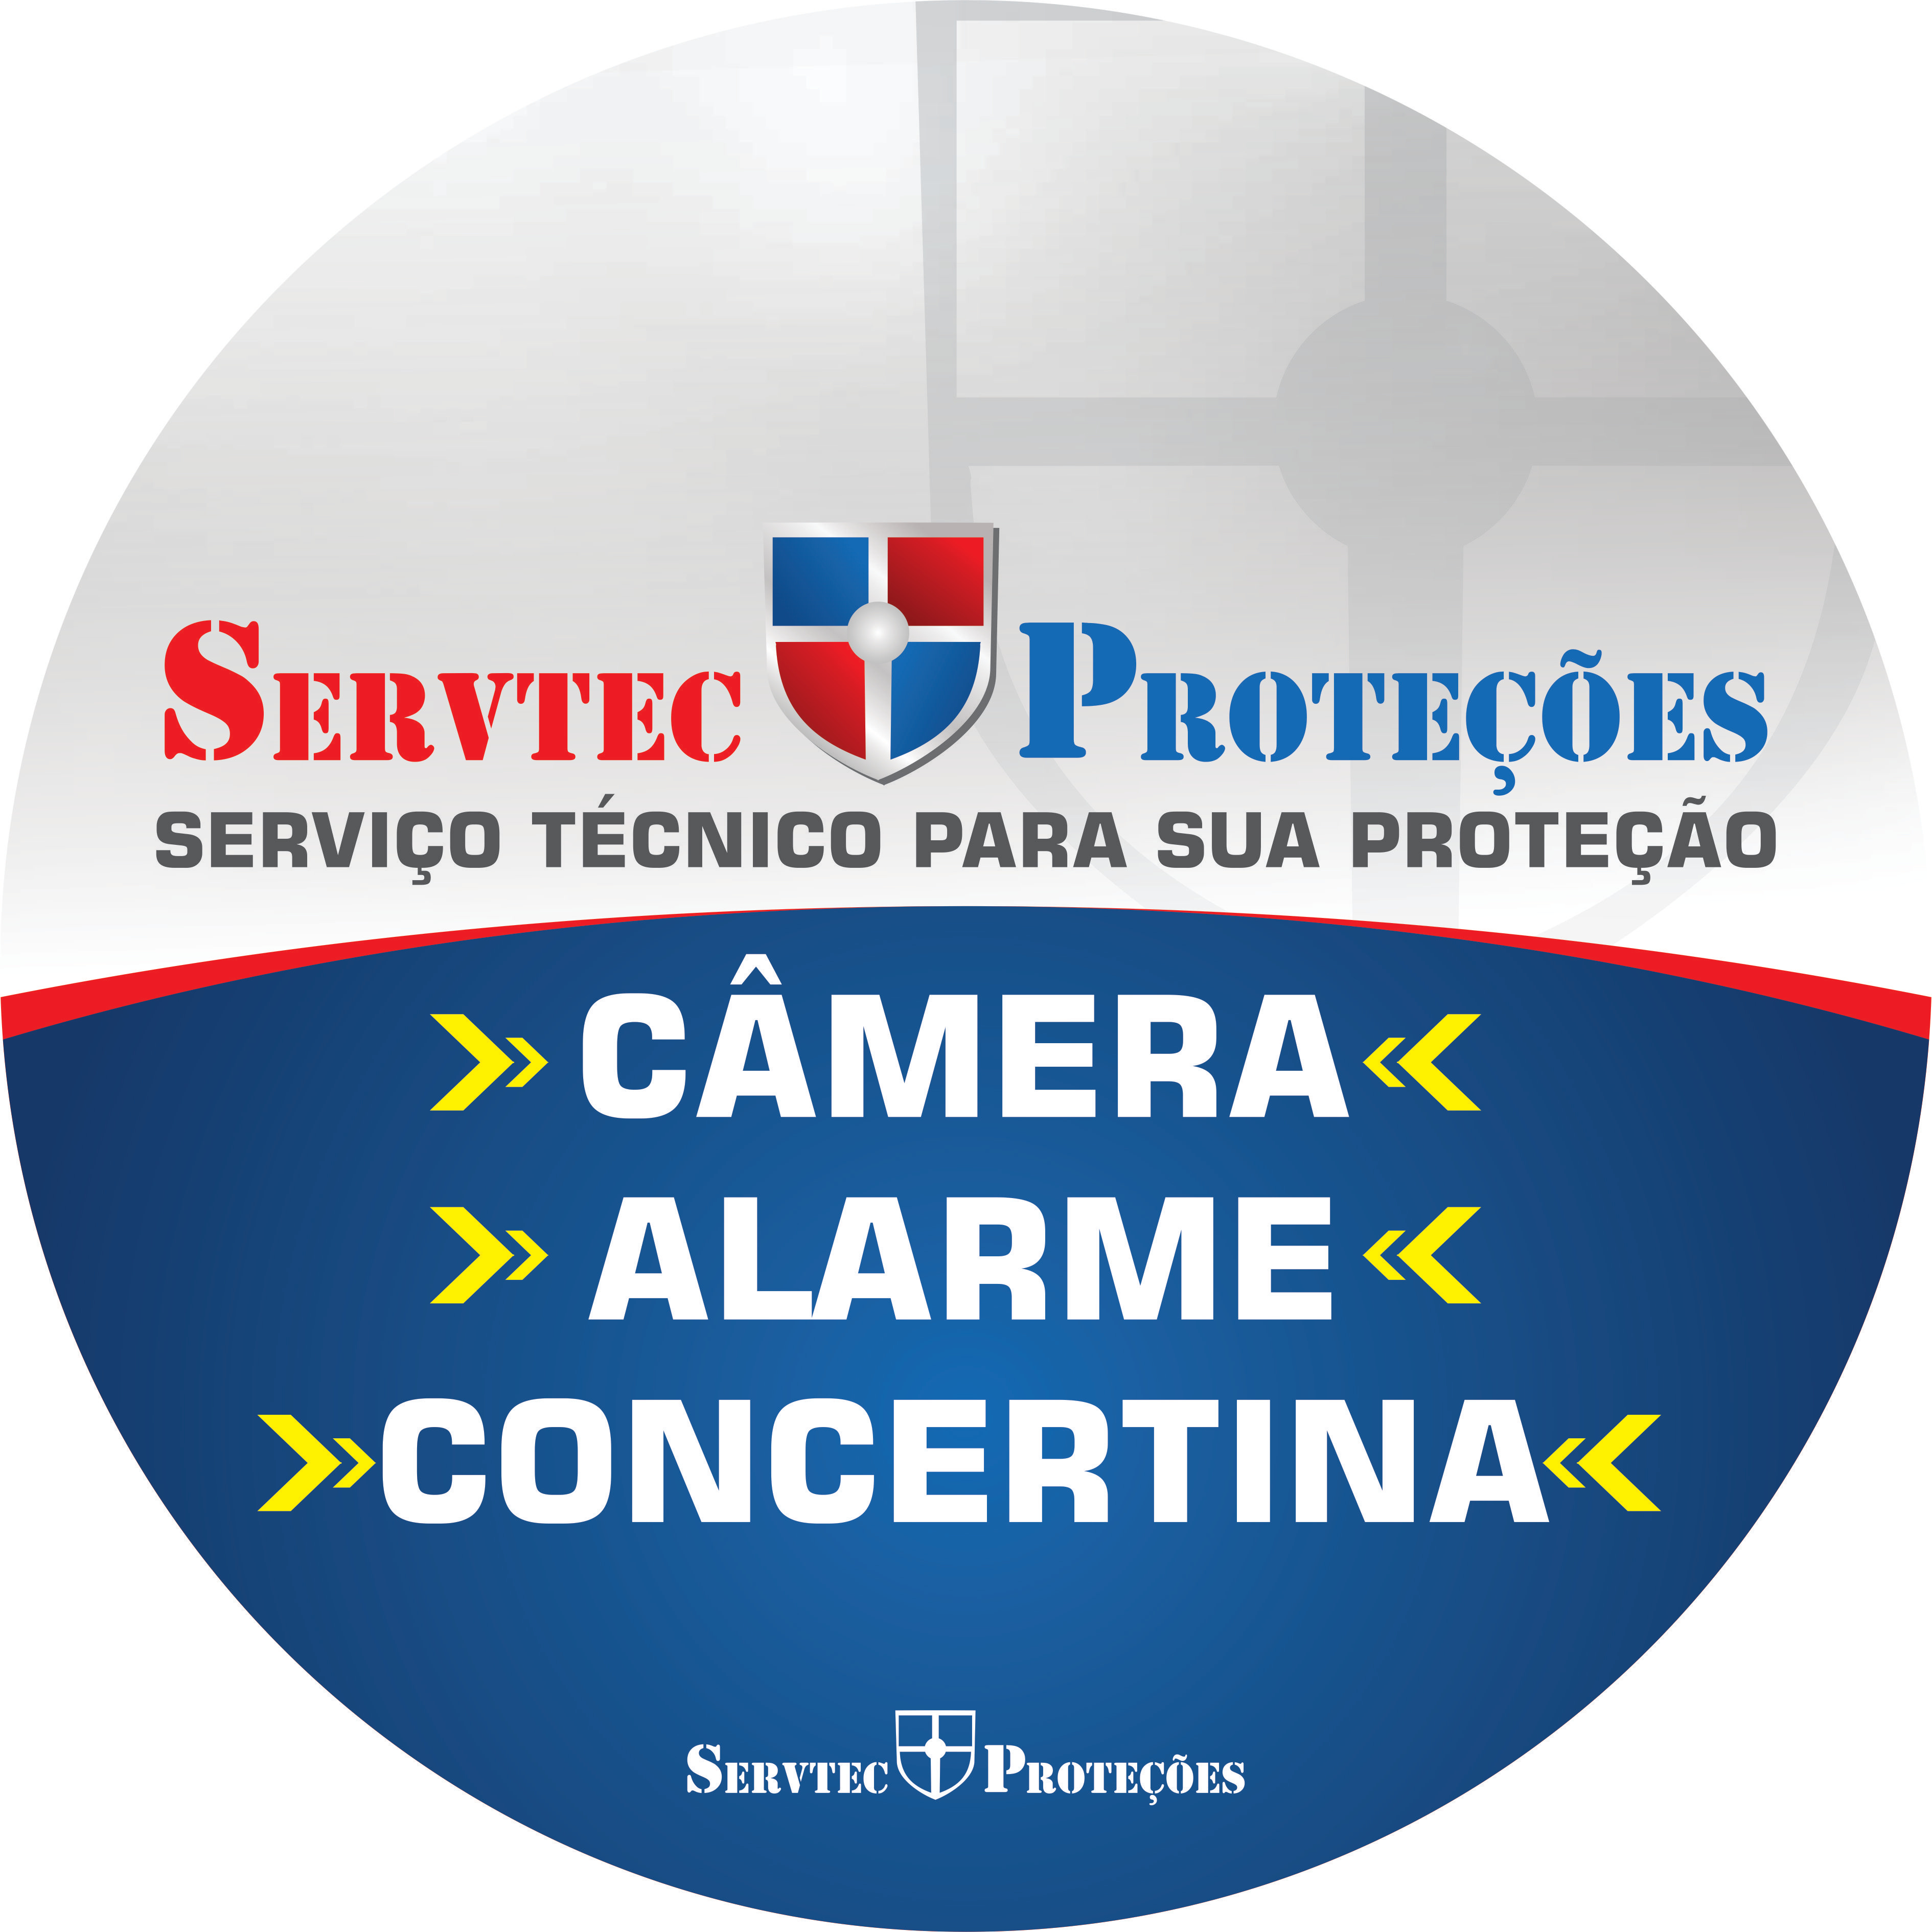 Servtec Proteções - câmeras, alarme, concertina